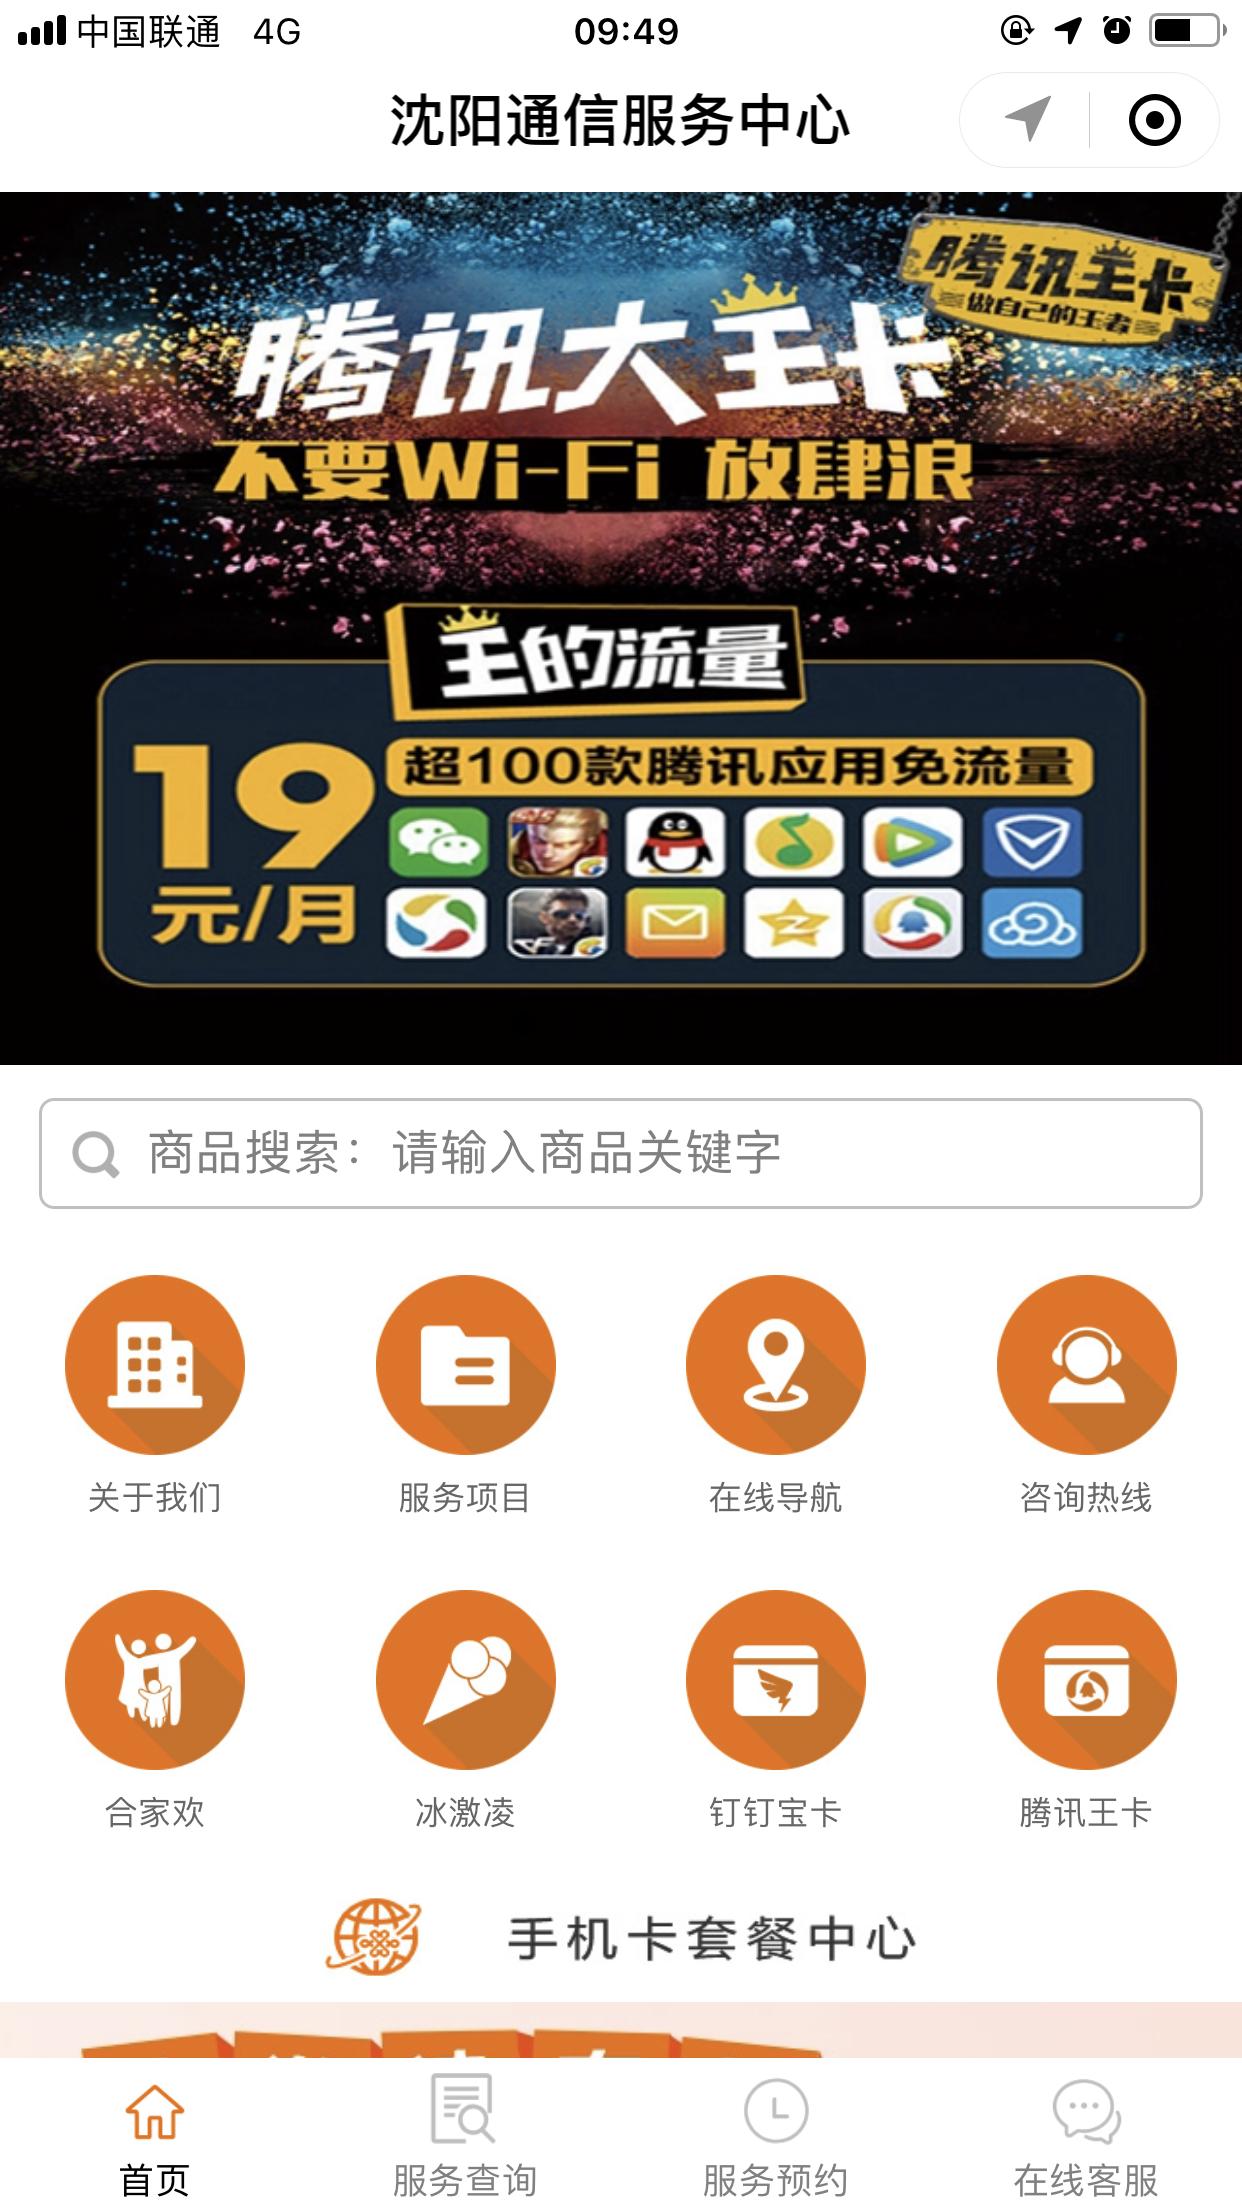 微信沈阳通信服务中心小程序